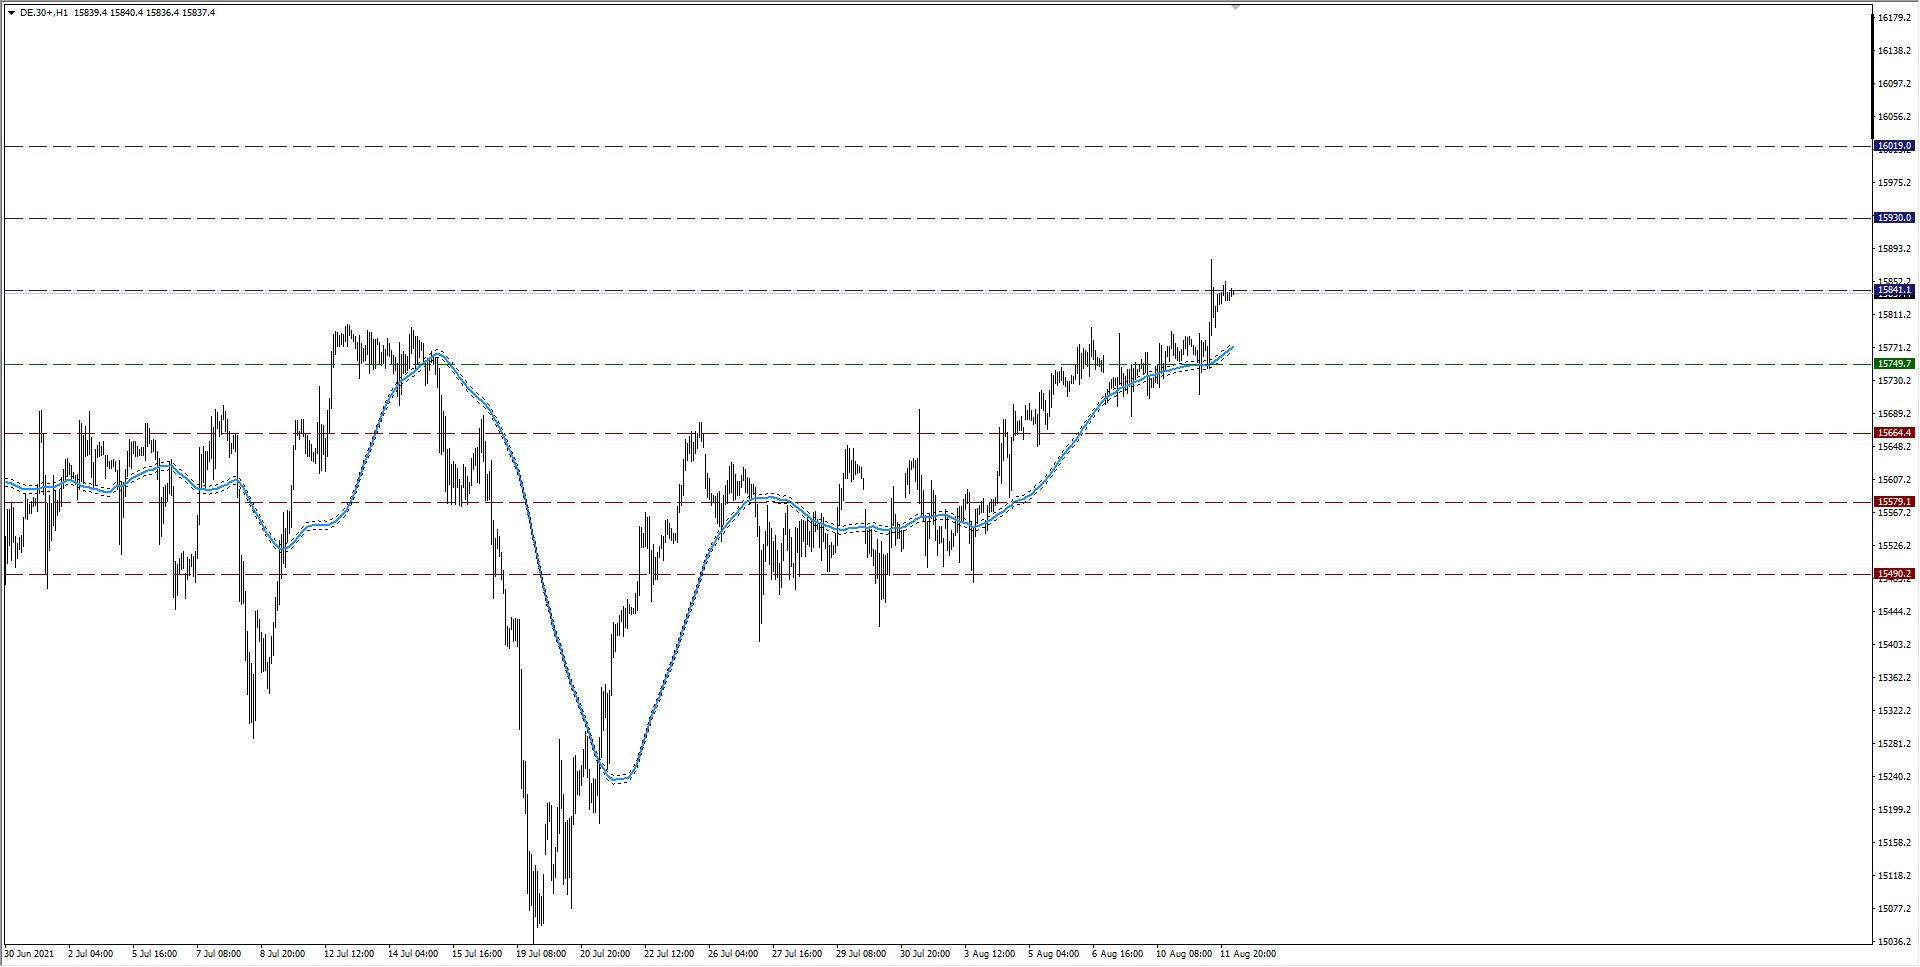 wykres Kurs DAX H1 11.08.2021